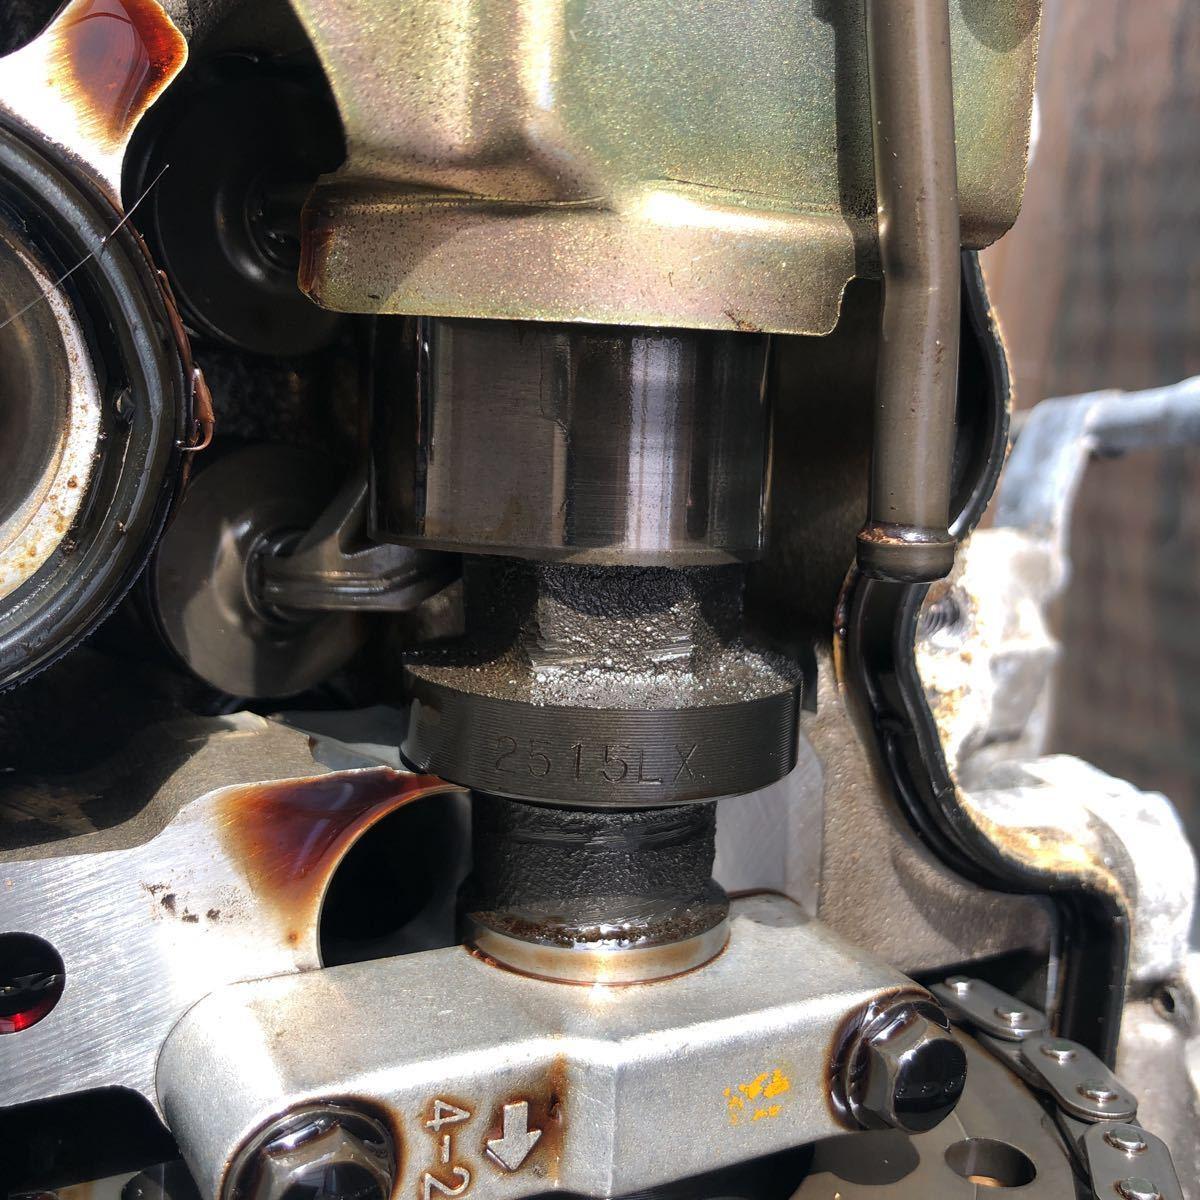 SR20 ターボエンジン S15 ヘッドガスケットメタル 社外カム エンジンのみ シルビア_画像3